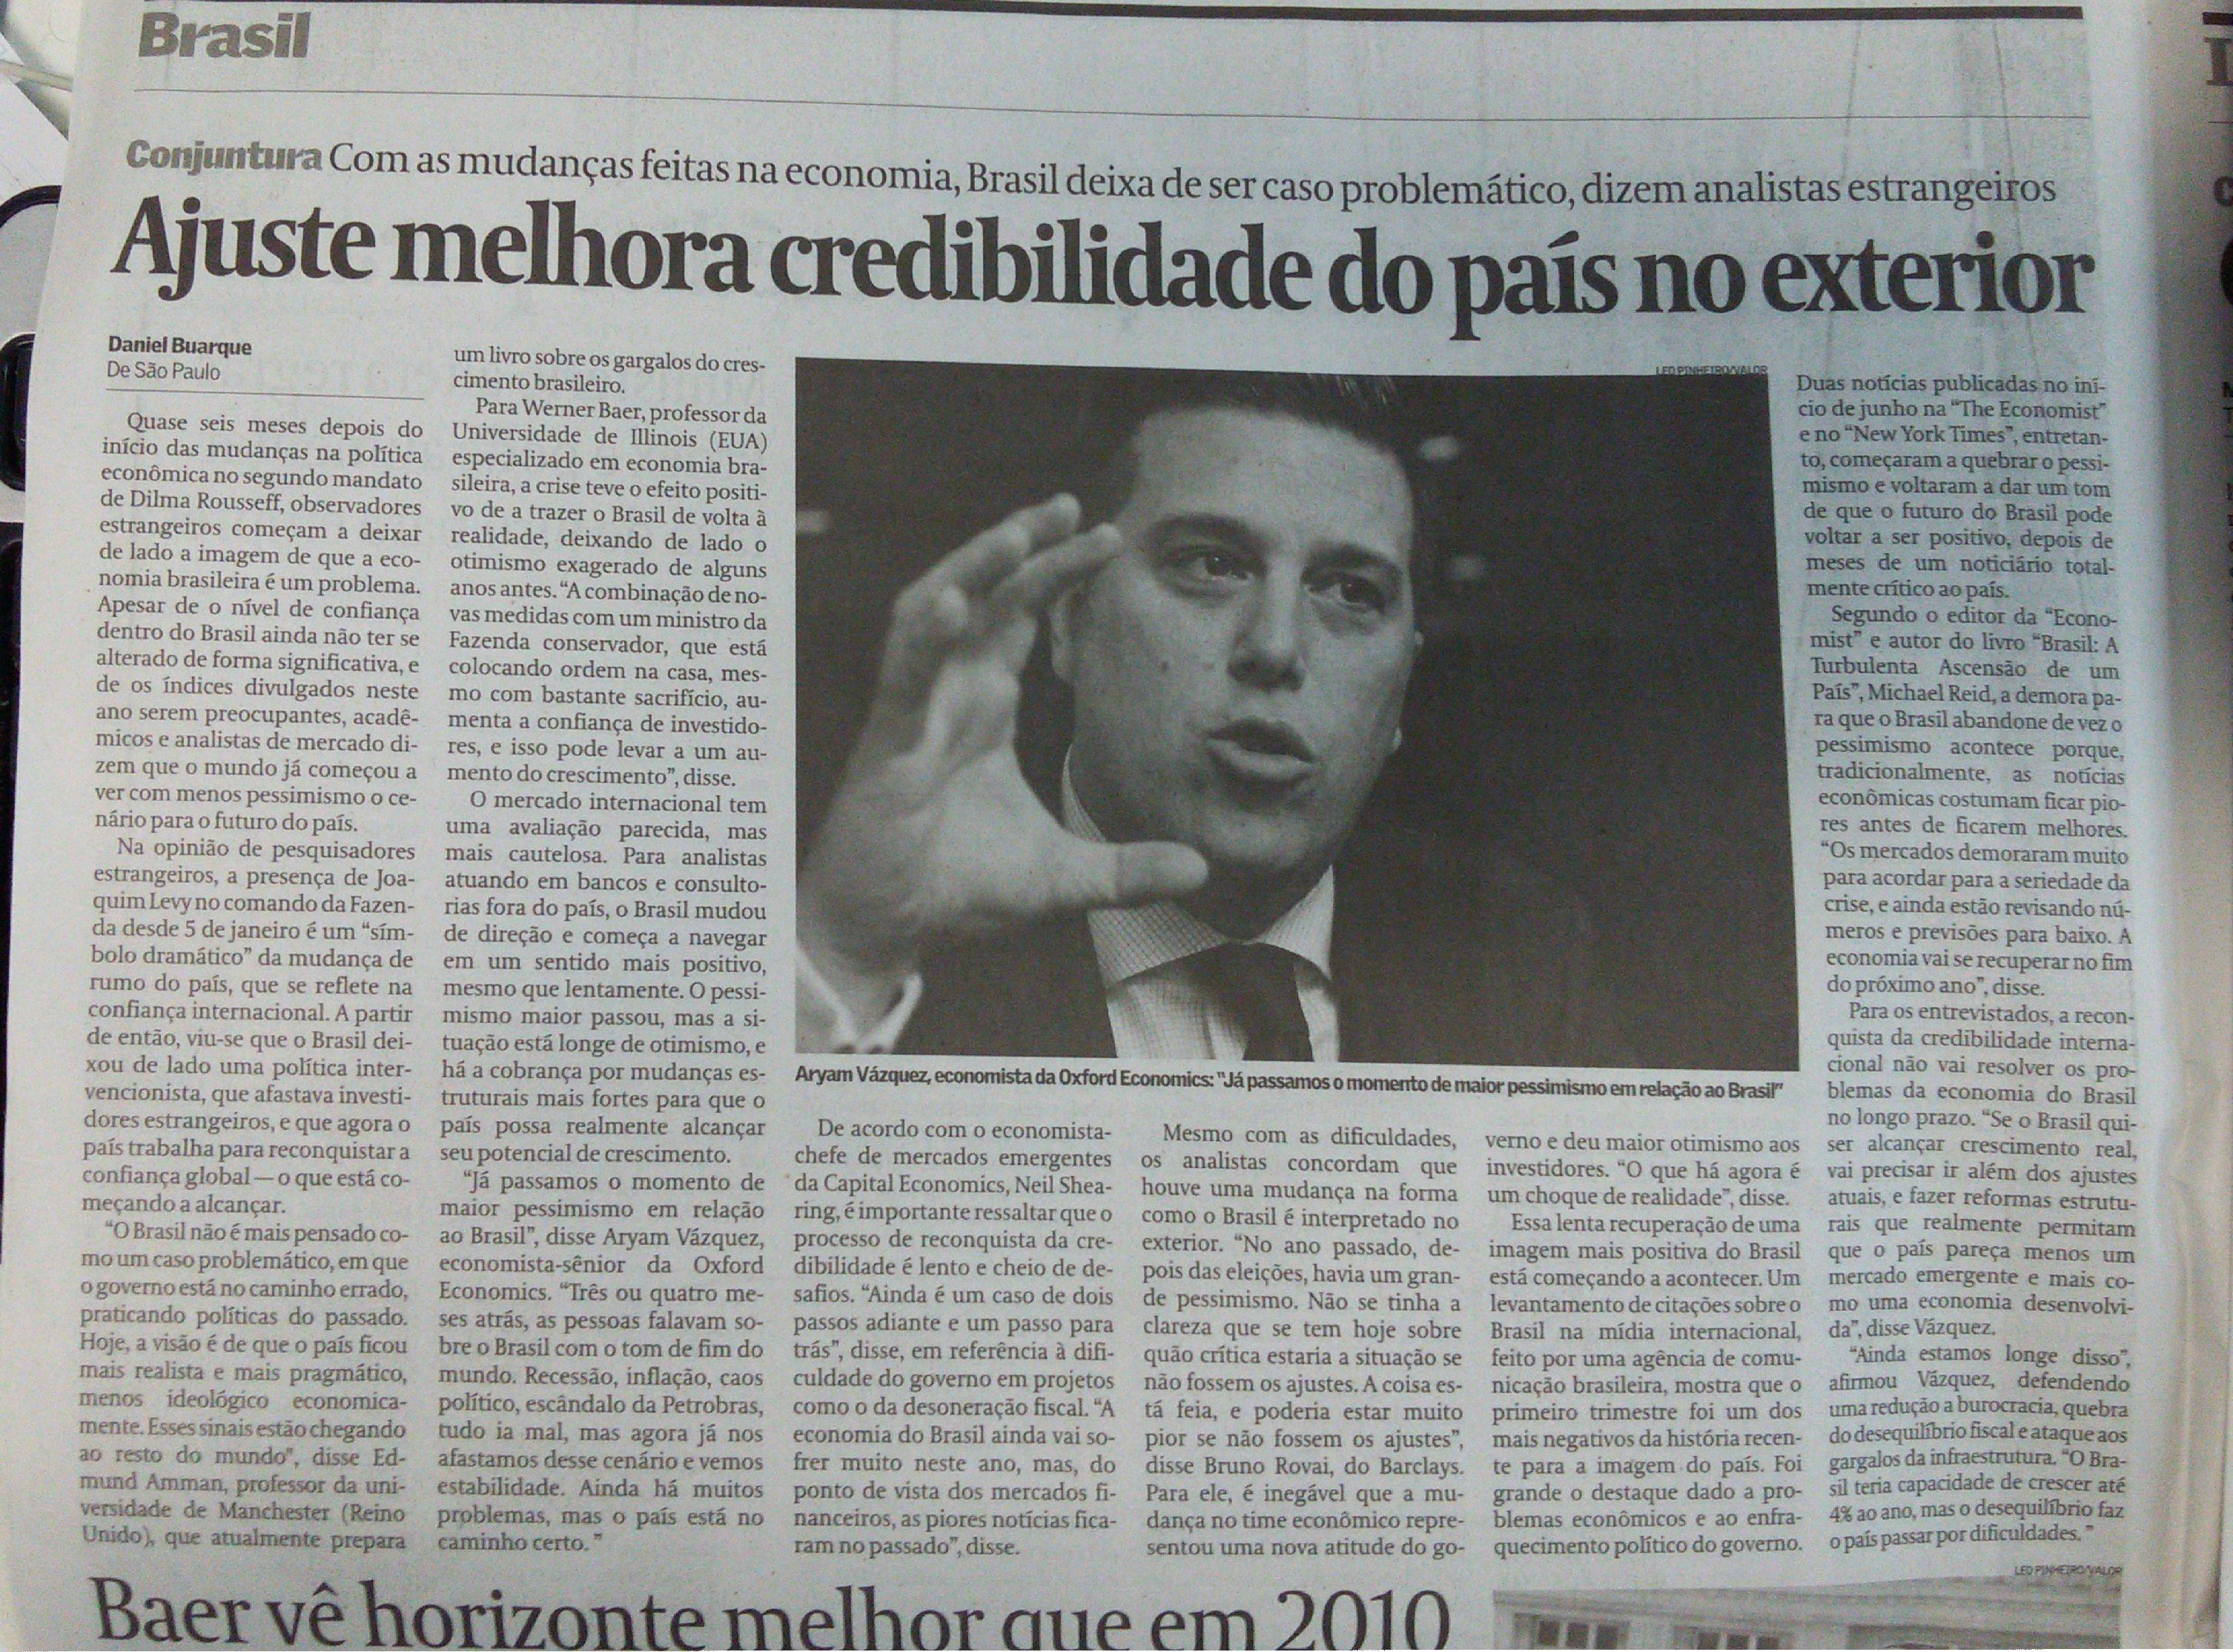 Deu No Valor Ajuste Melhora Credibilidade Do Brasil No Exterior Not Cias Uol Not Cias